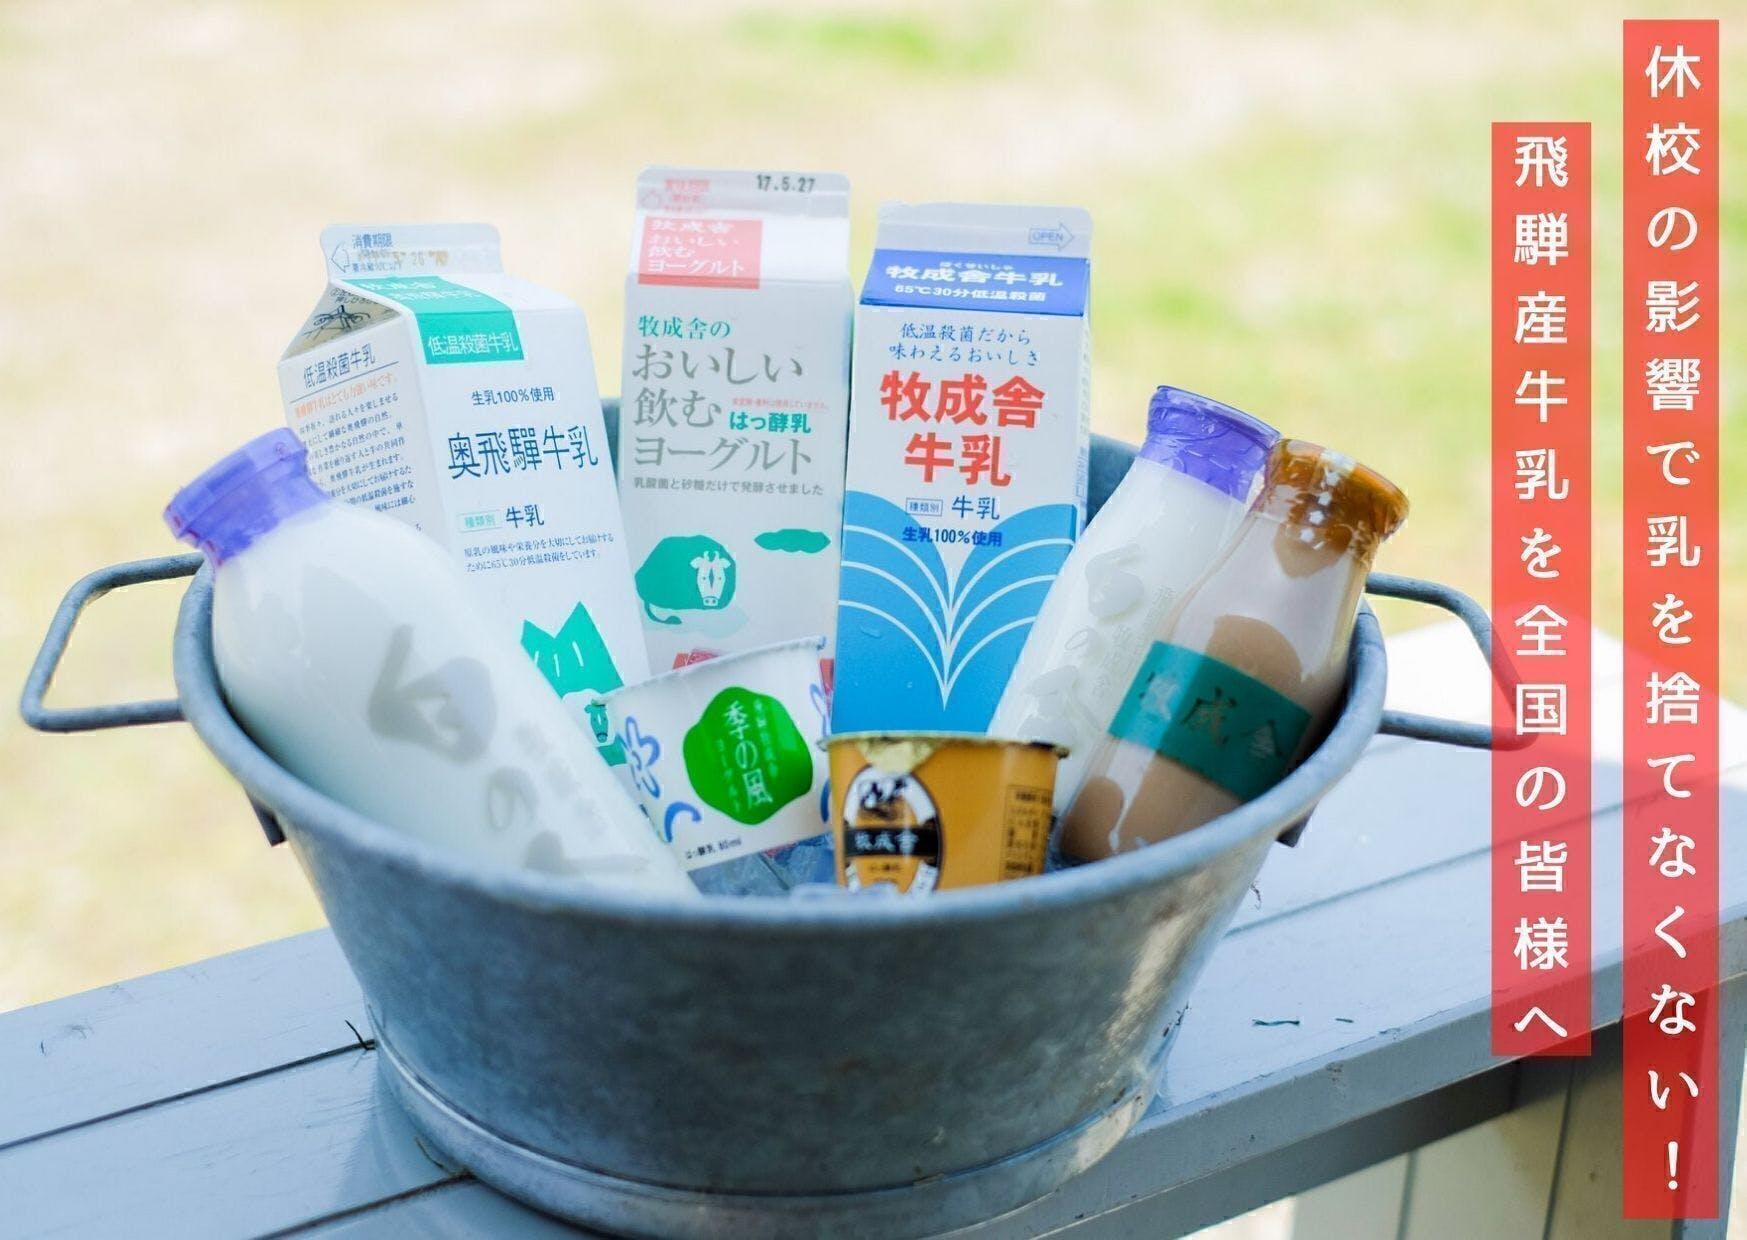 休校の影響で乳を捨てたくない!飛騨産・美味しい乳製品をたくさんの方に届けたい!